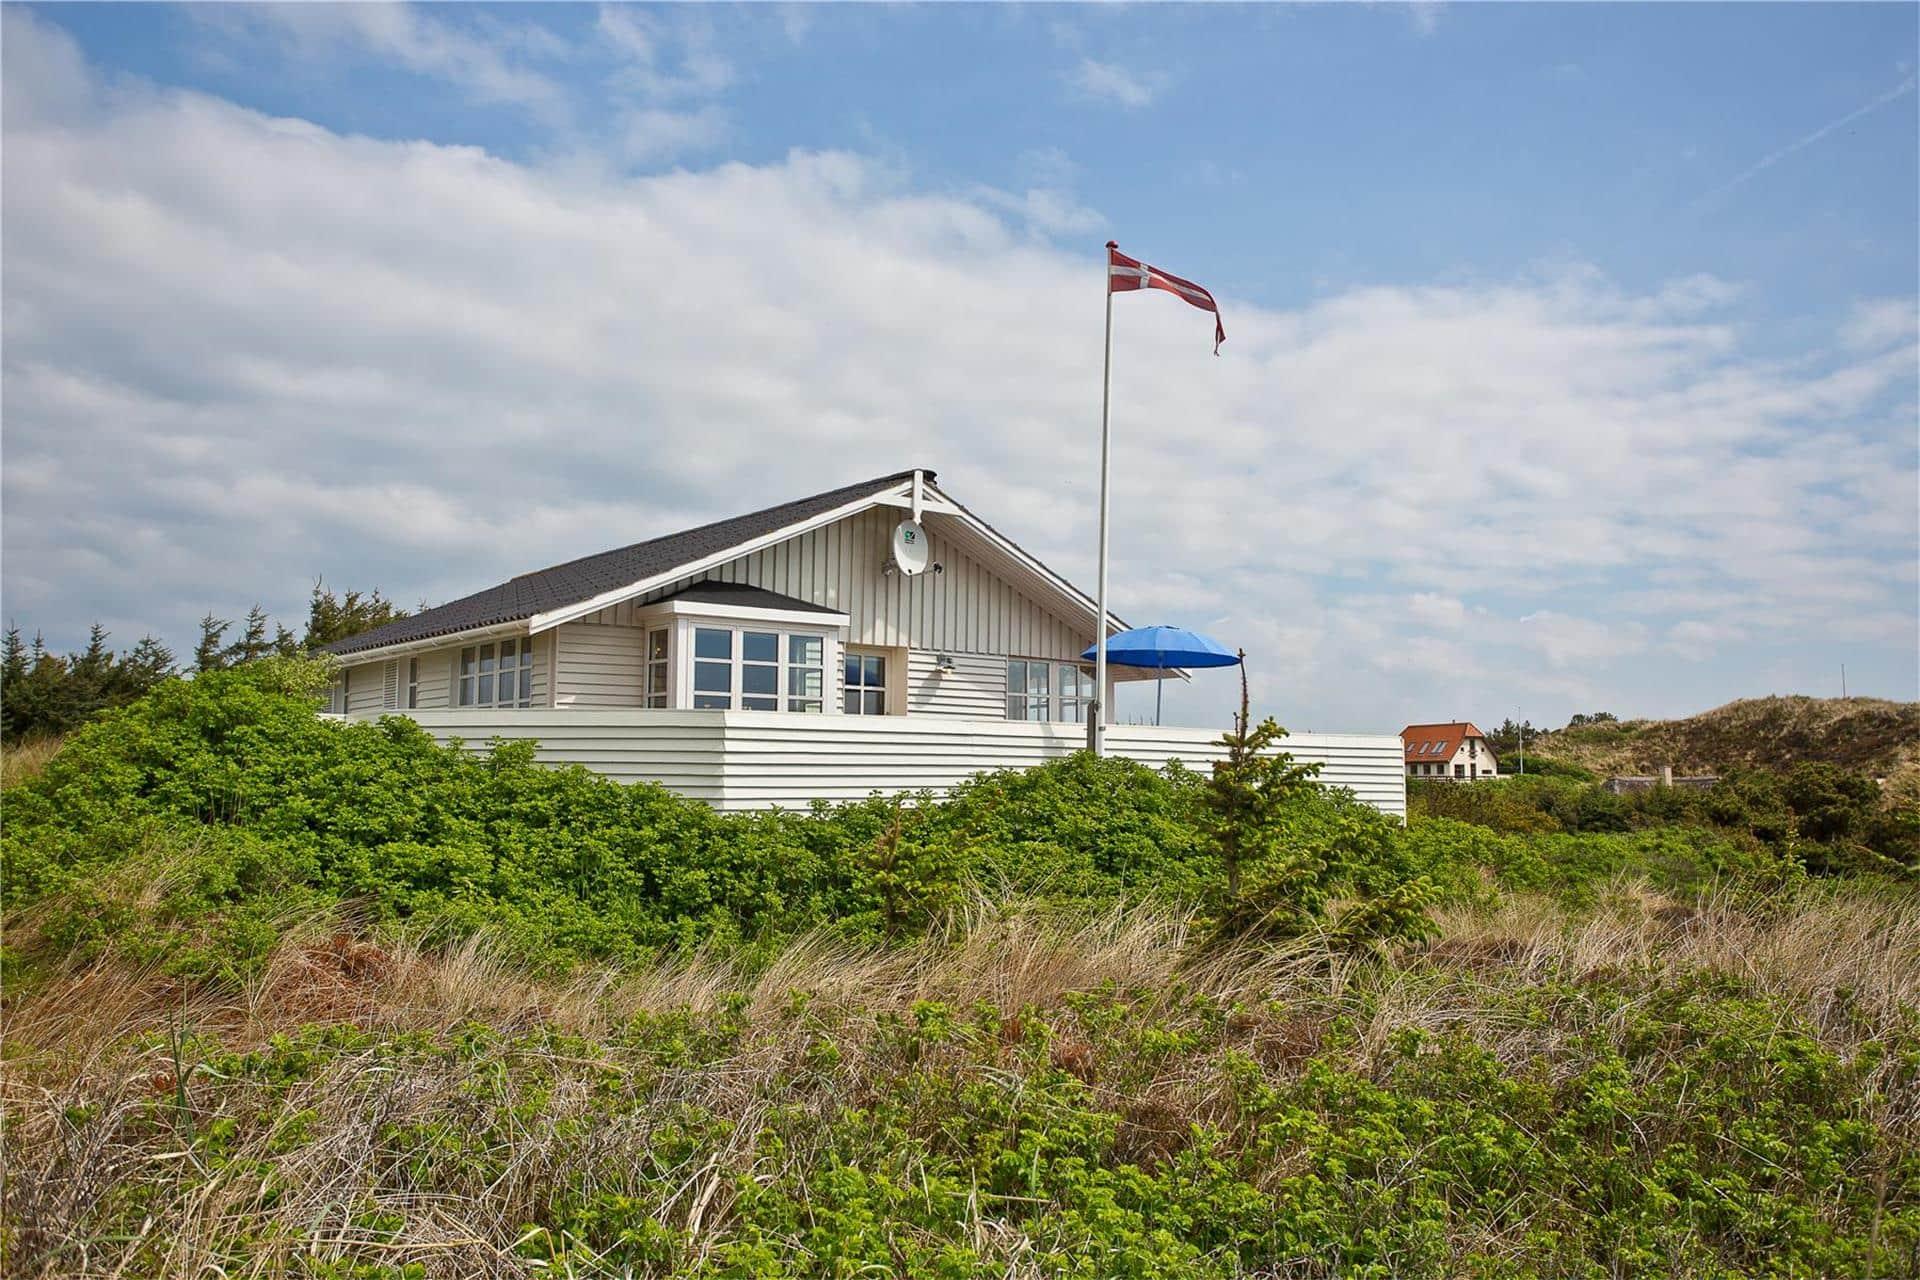 Image 1-125 Holiday-home 2117, Hjelmevej 19, DK - 6854 Henne